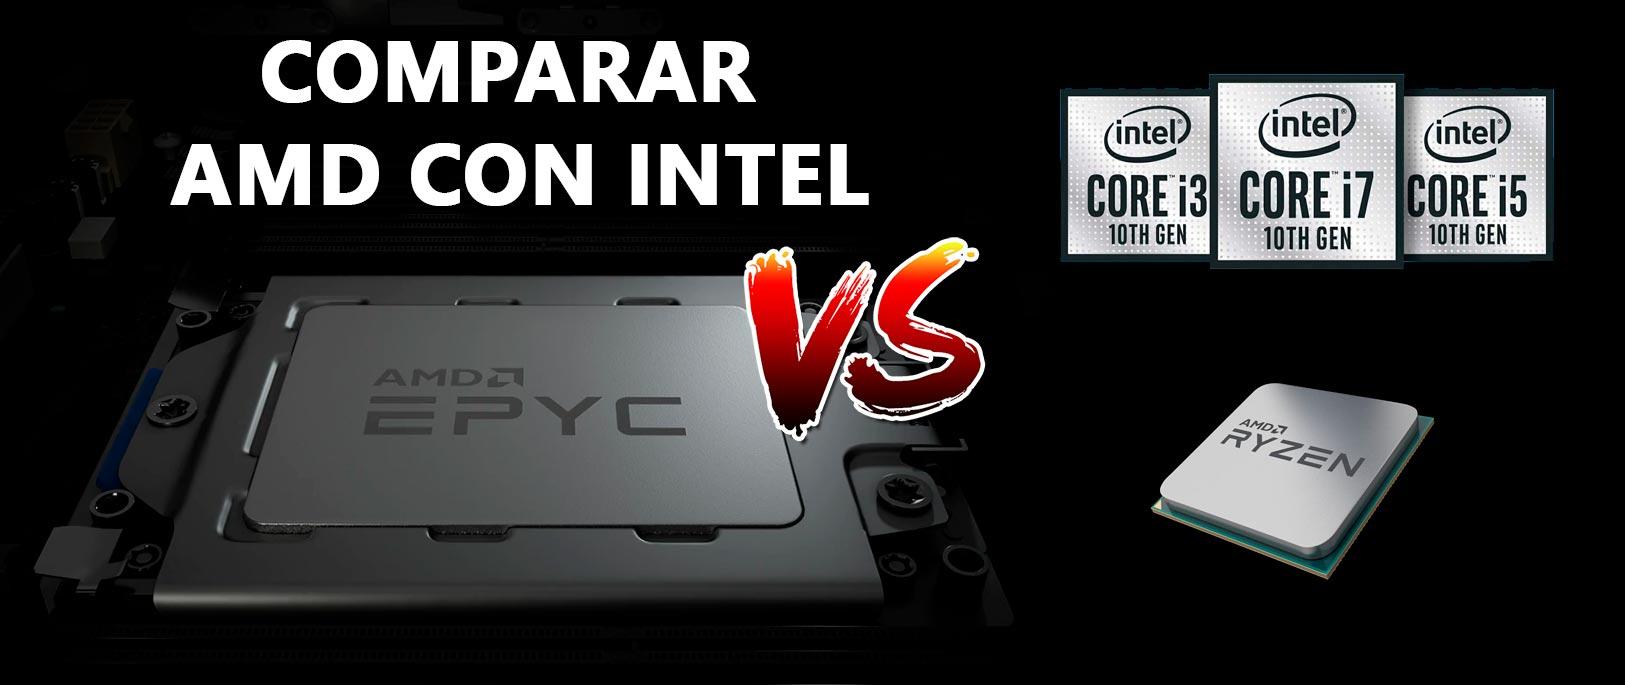 Cómo comparar procesadores AMD e Intel